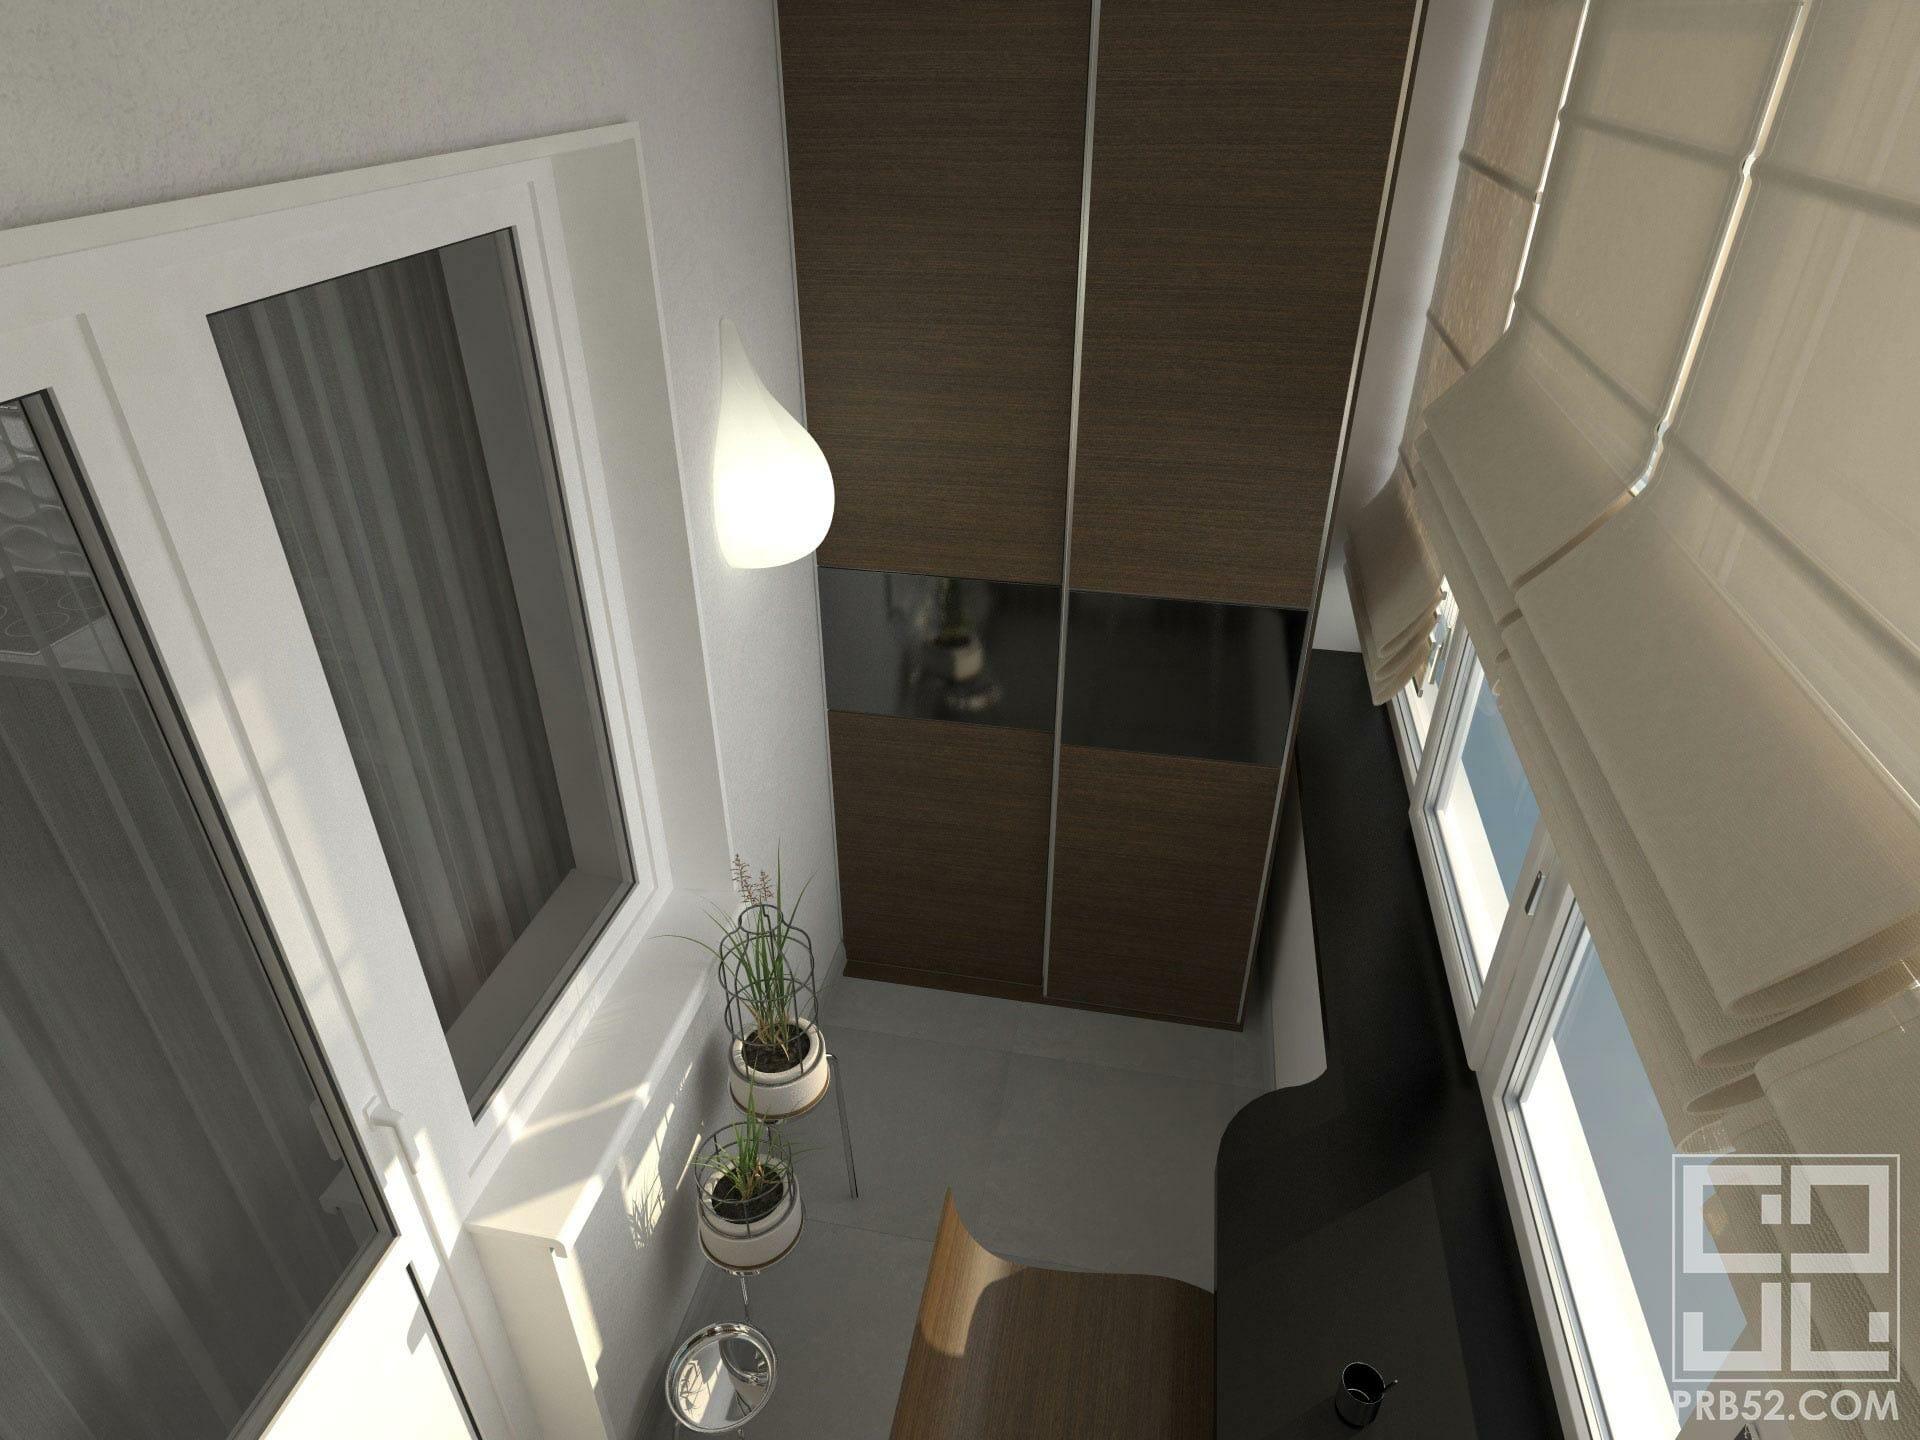 дизайн интерьера лоджии с местами хранения